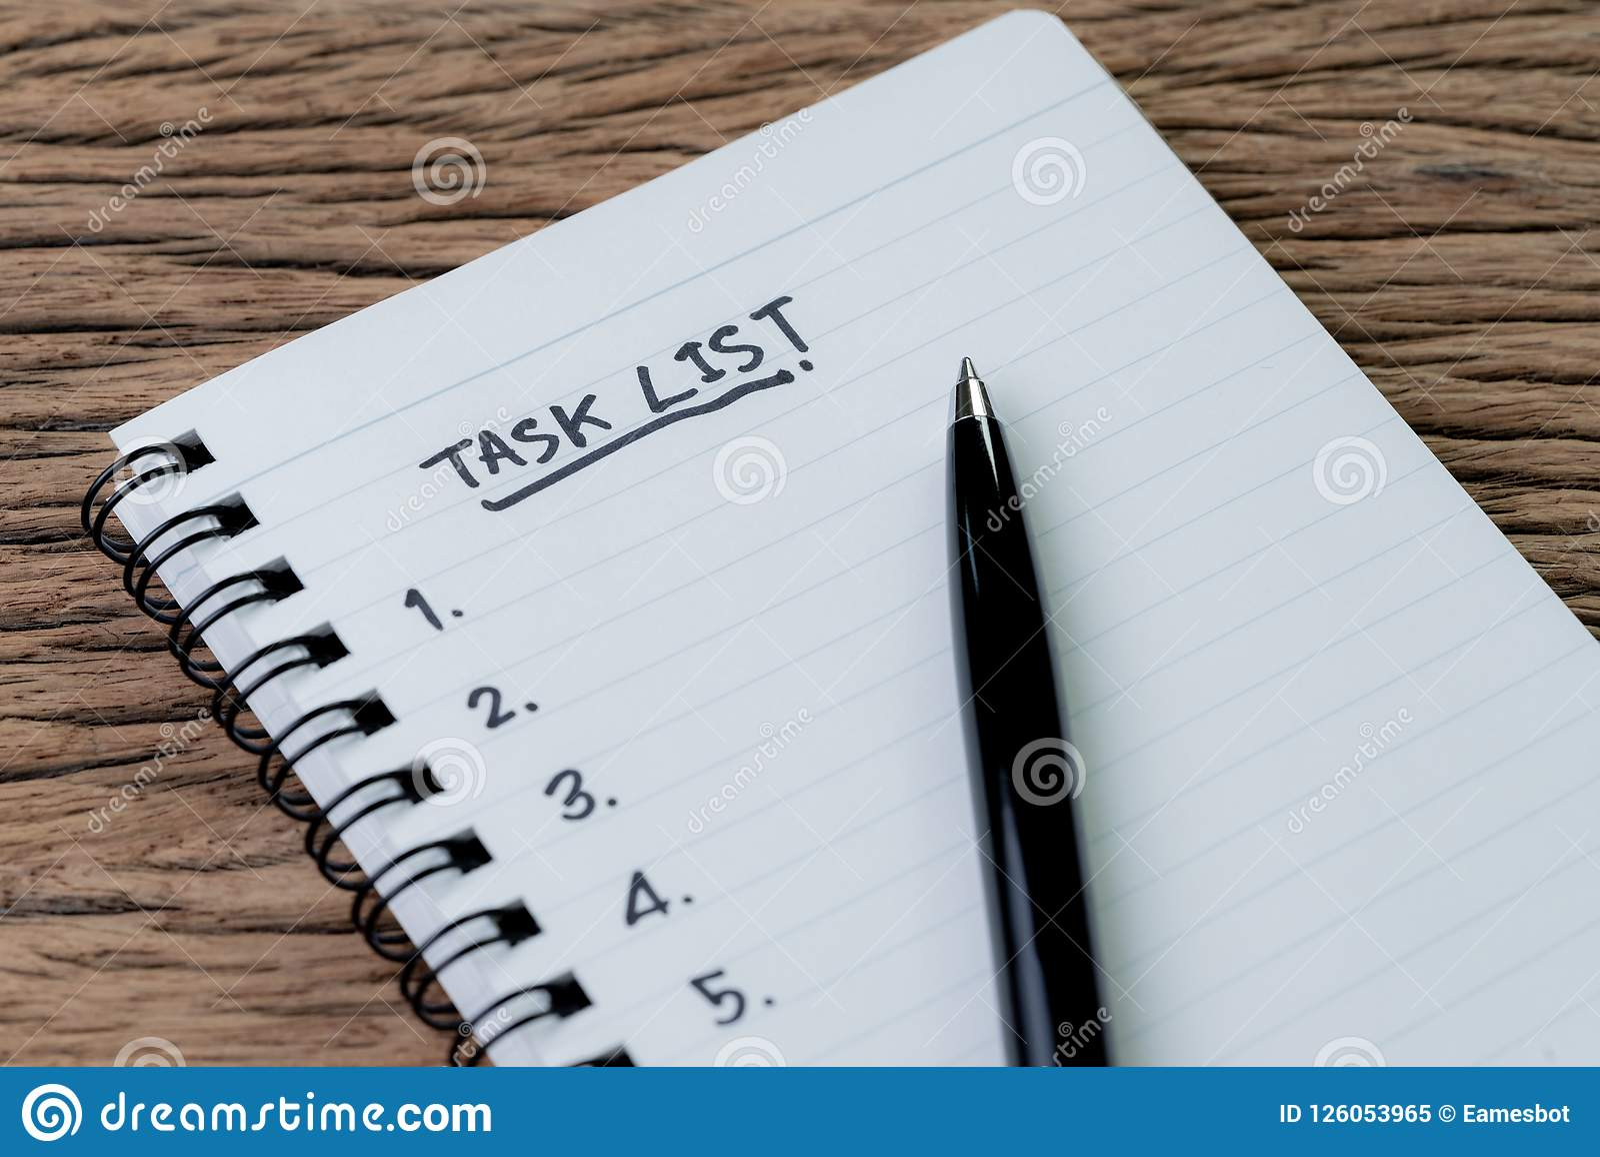 Zadanie lista, zarządzania projektem pojęcie, pióro na białego papieru notepa